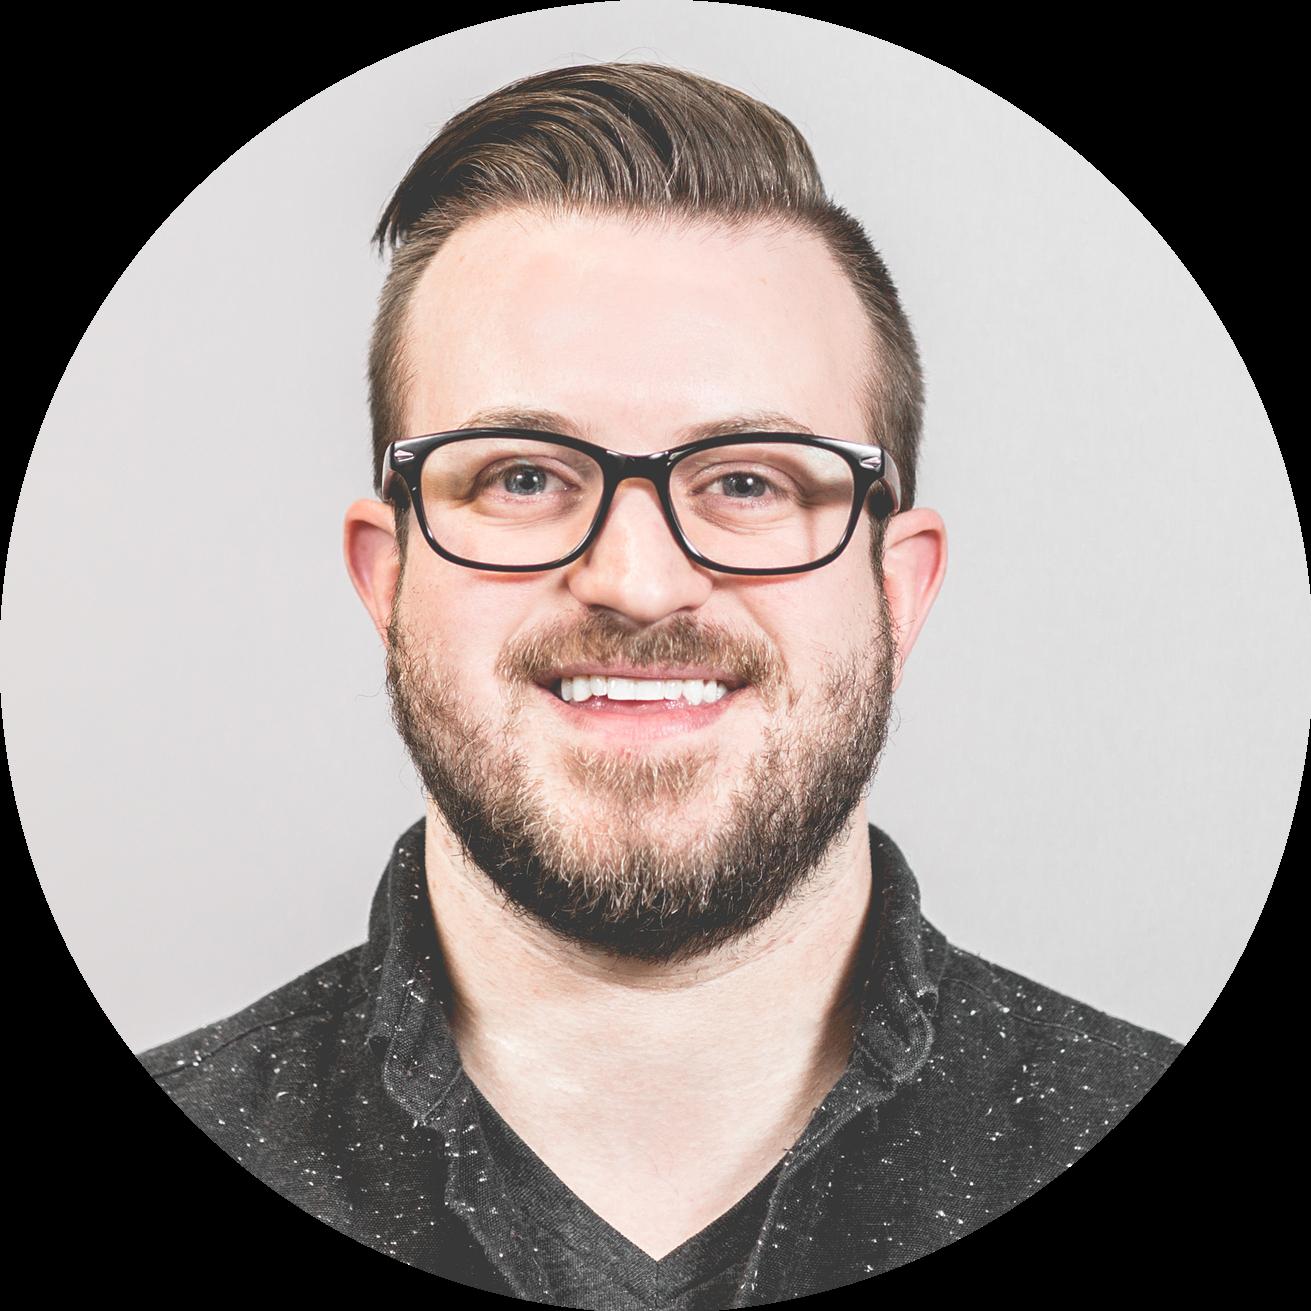 Ryan Keefover, Cartegraph Lead UX Designer, Asset management software thought leader